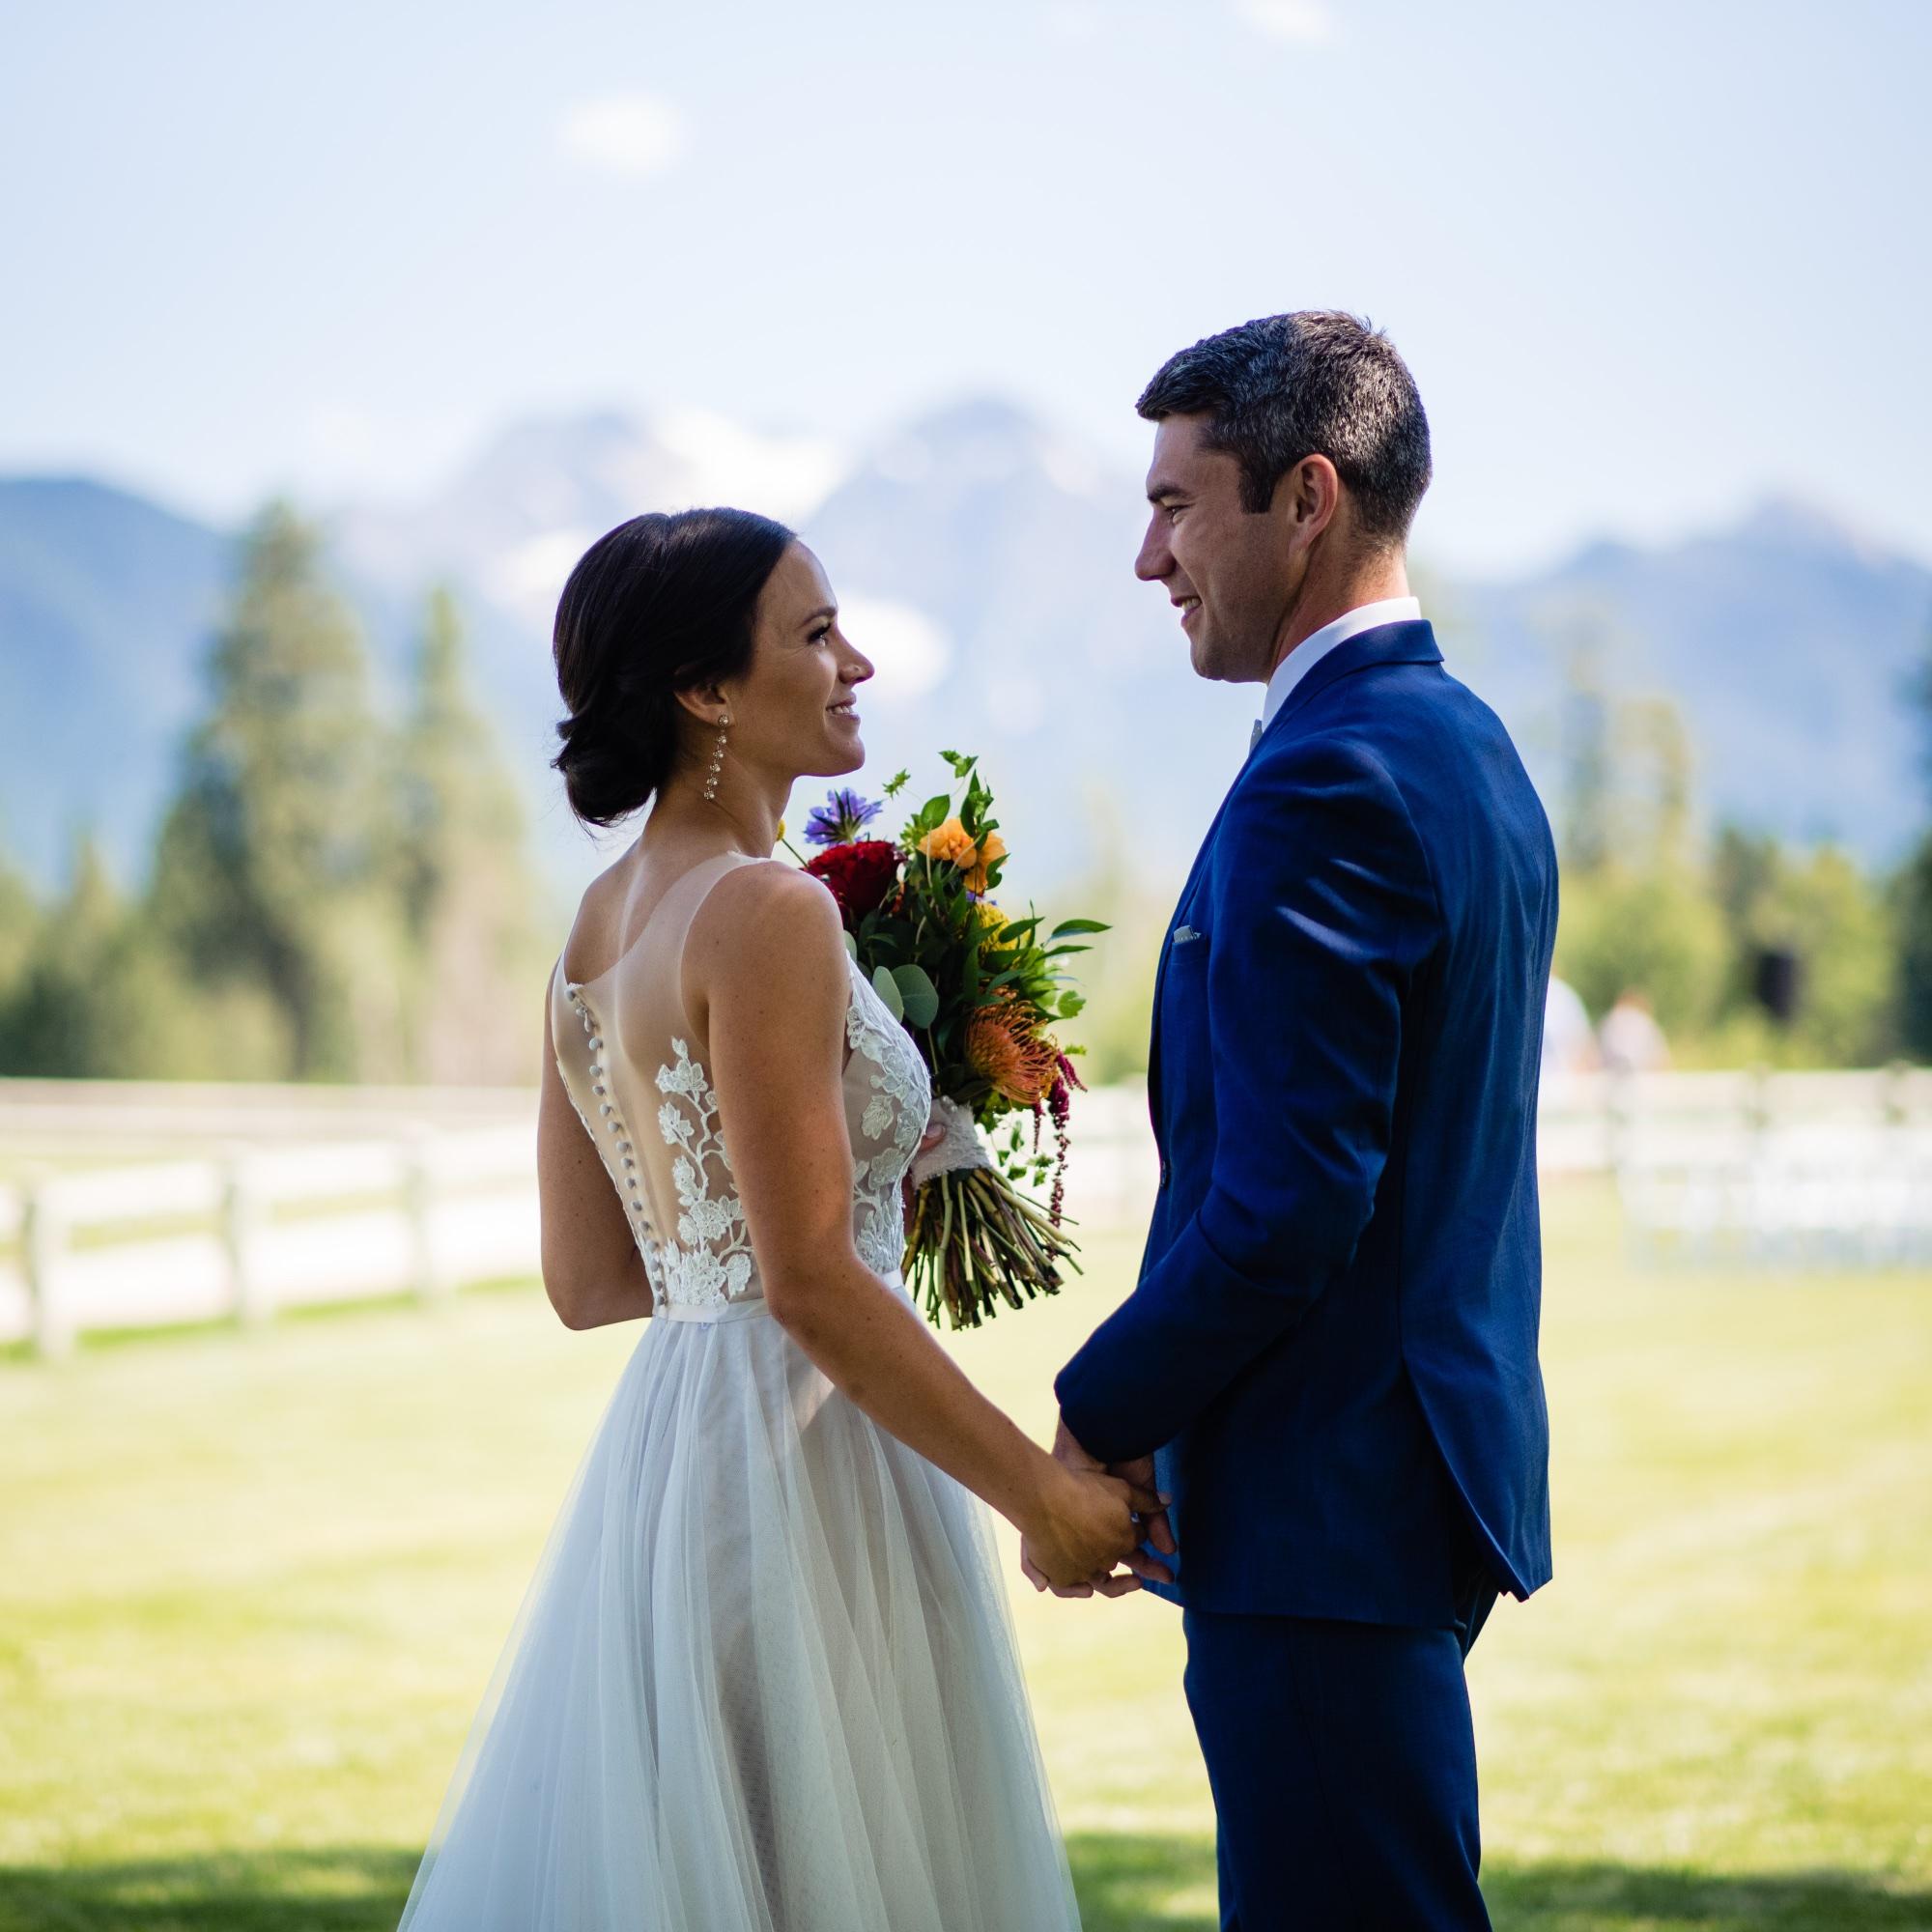 lindseyjane_weddings0051.jpg